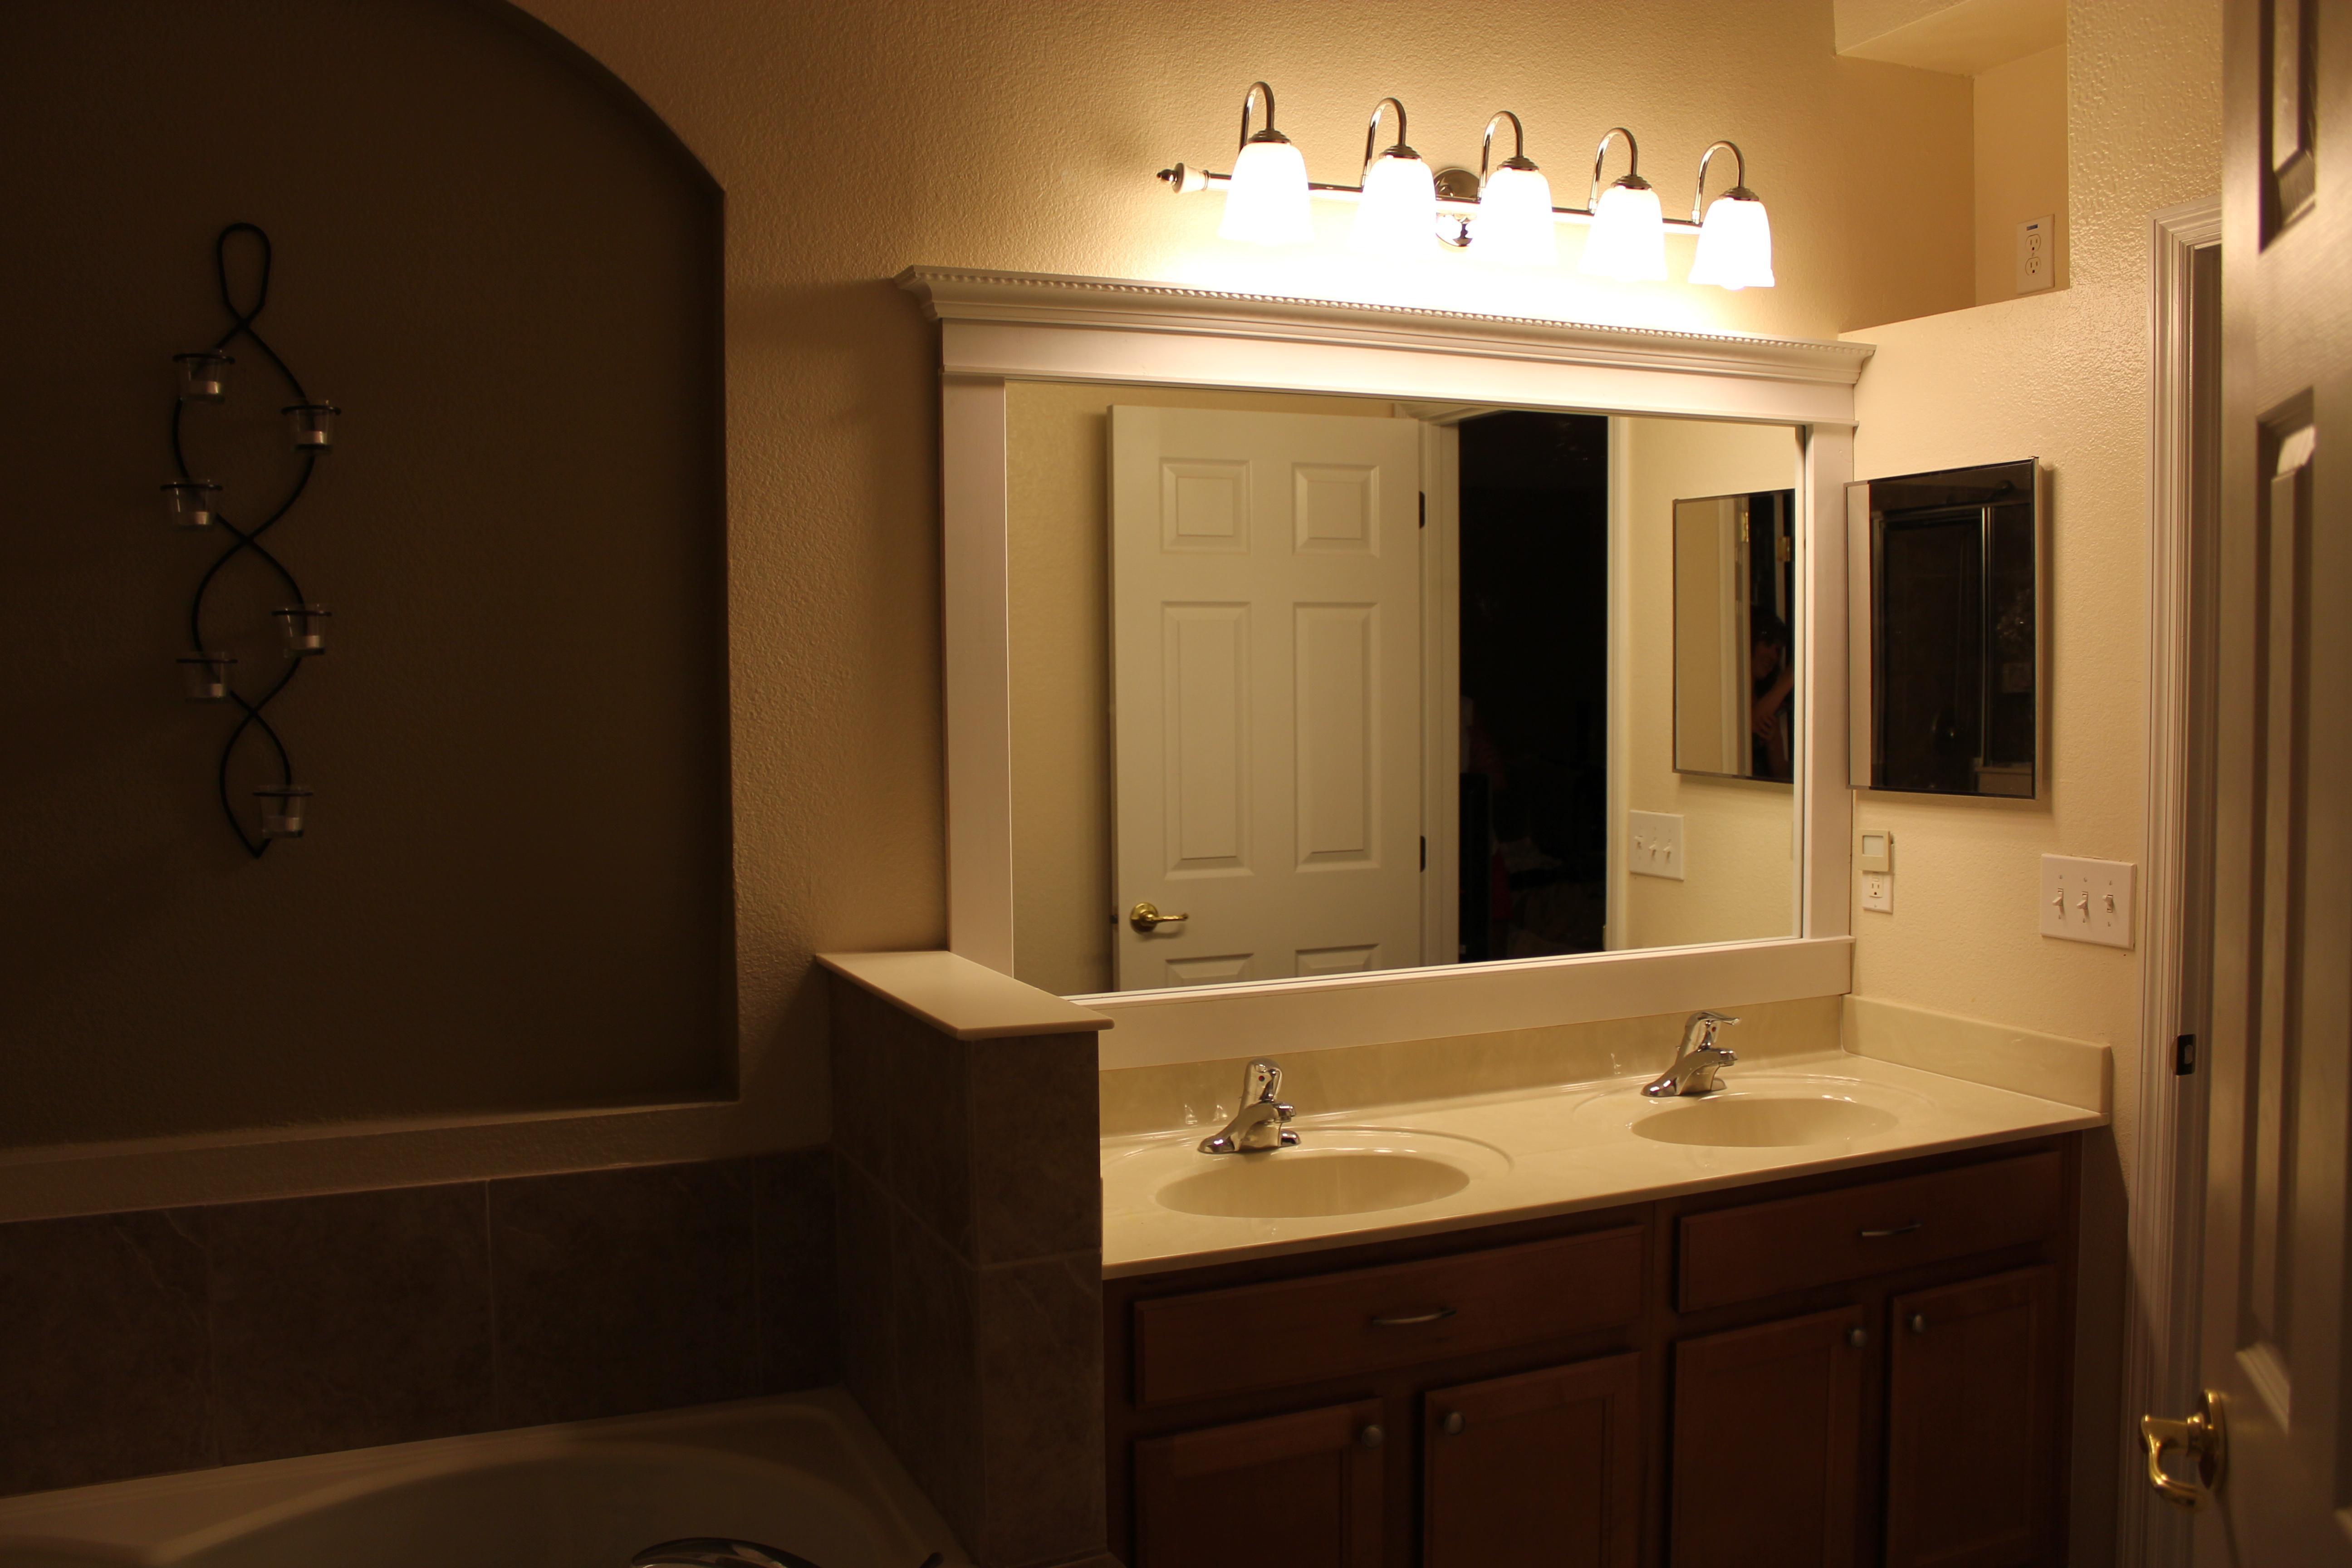 Surprising Idea Bathroom Lights Mirror Illuminated Mirrors Light With Mirrors With Lights For Bathroom (Image 18 of 20)